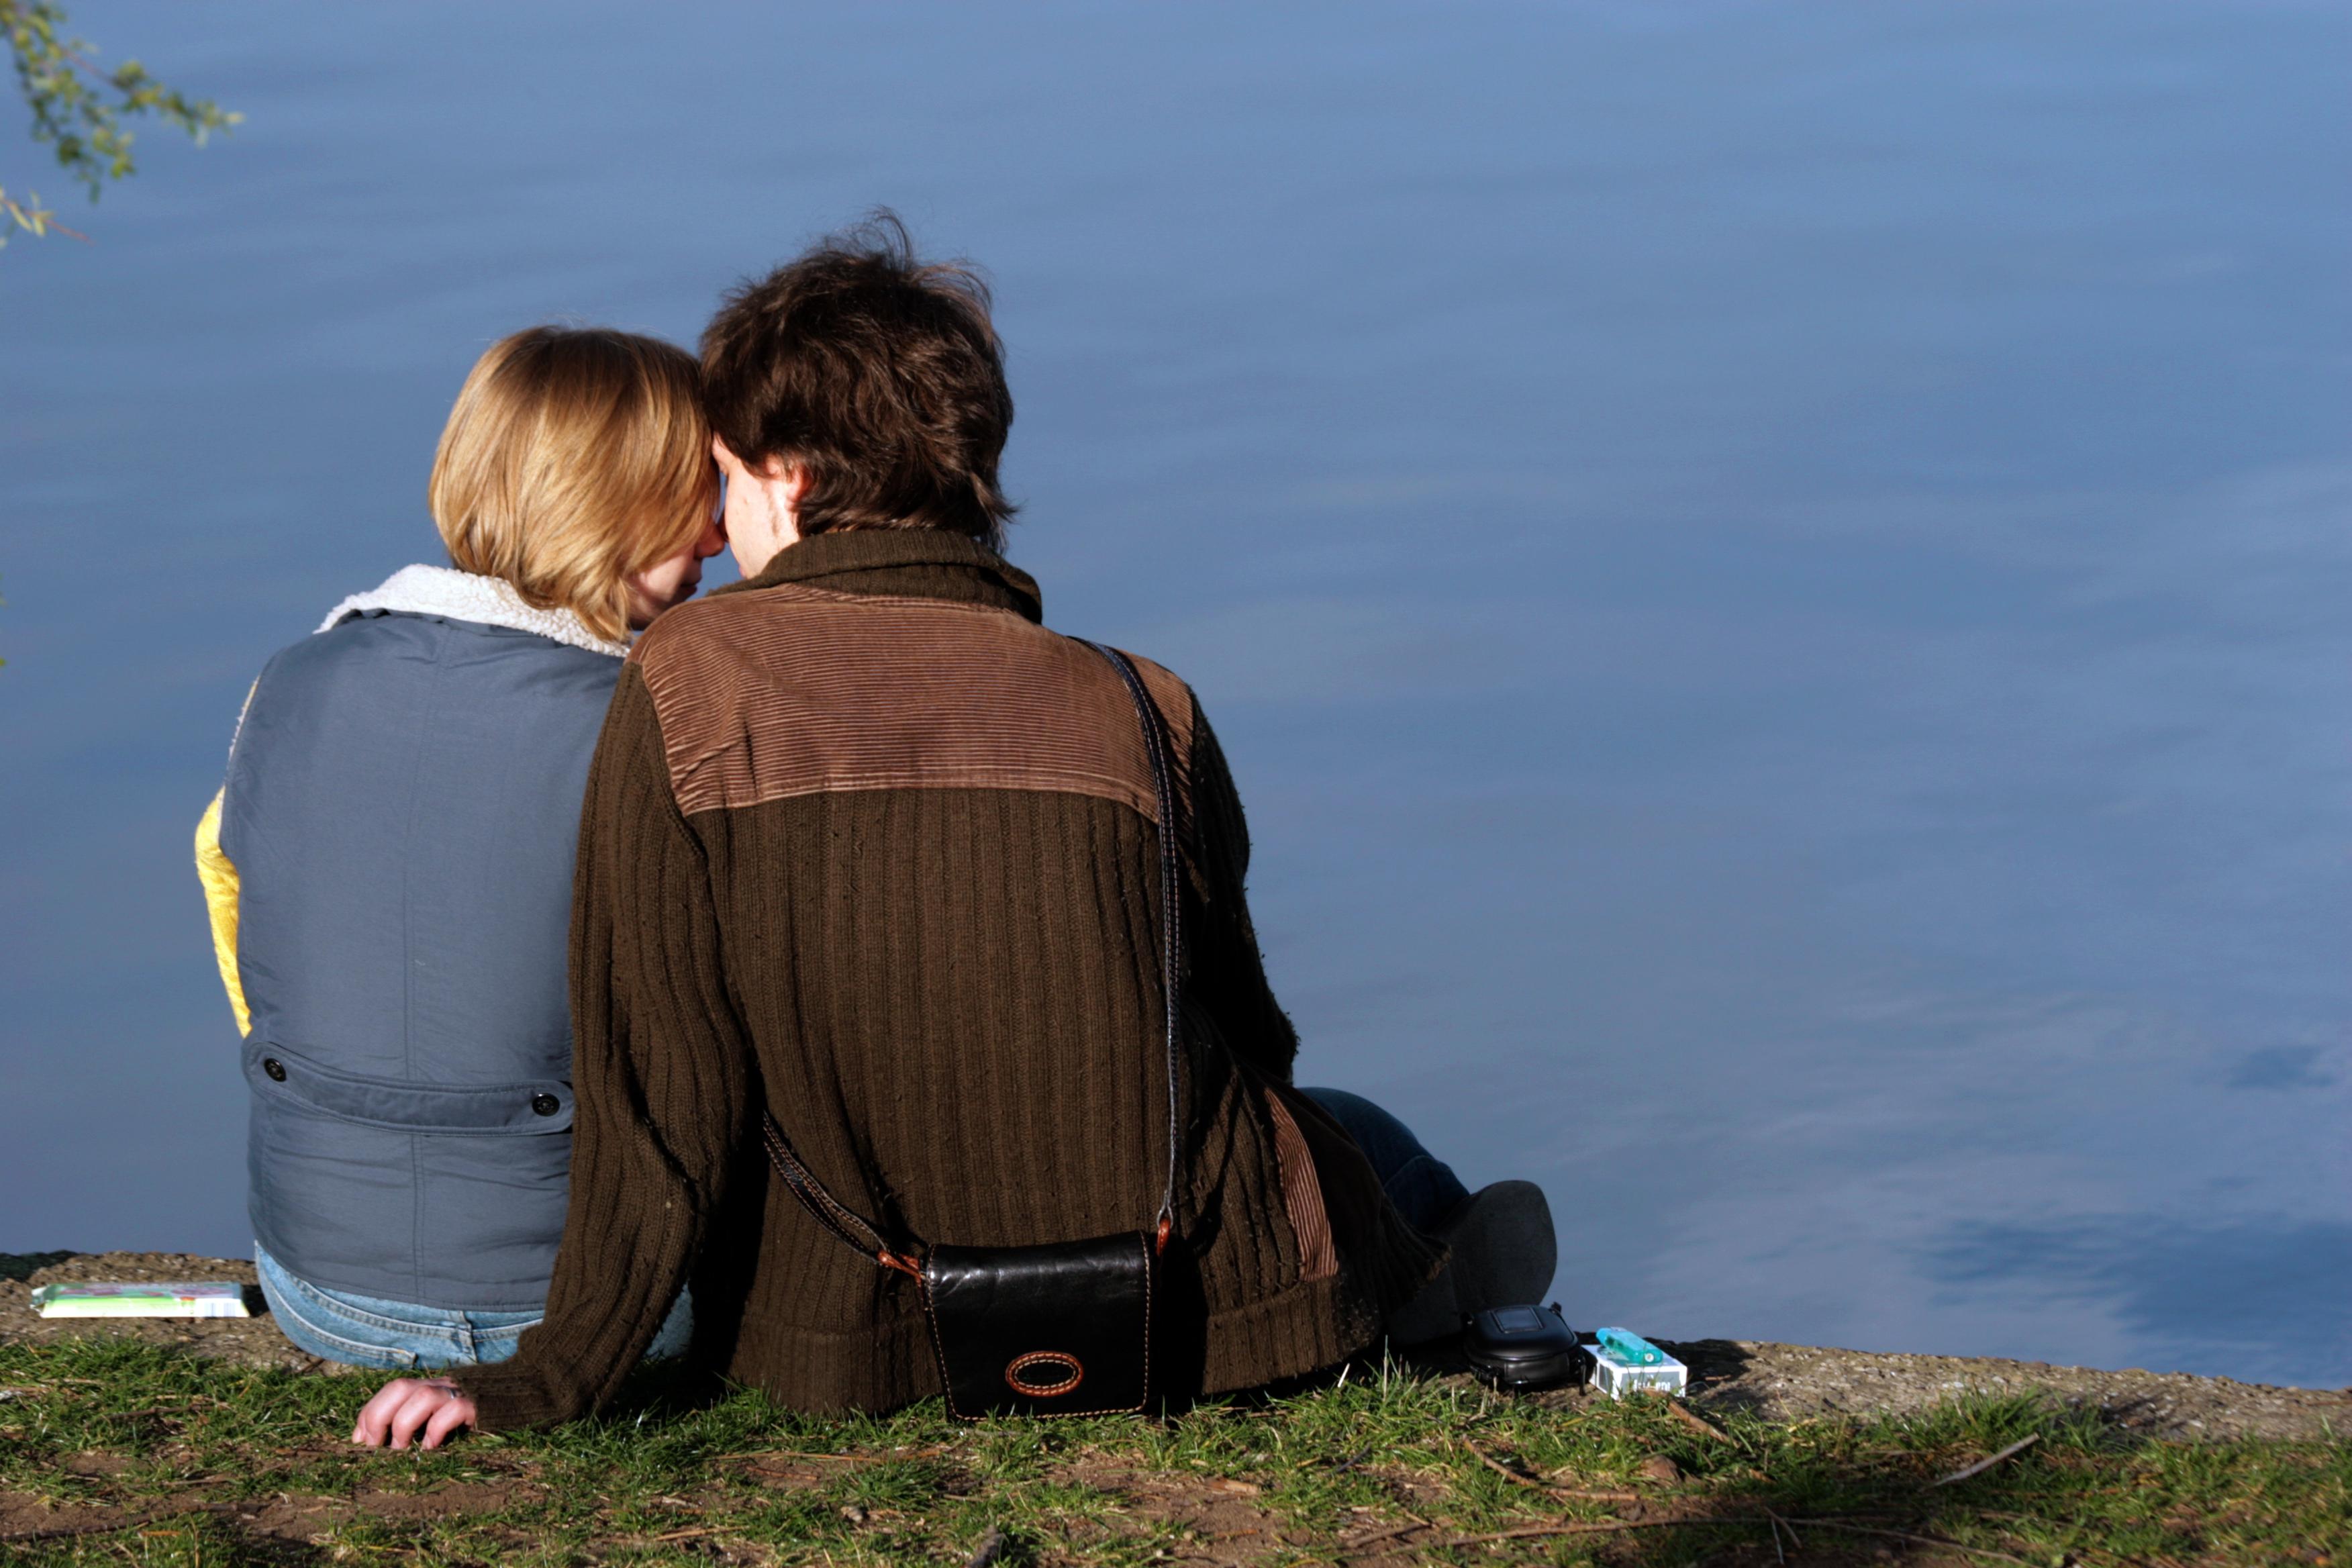 Amor perfecto, relaciones imperfectas.